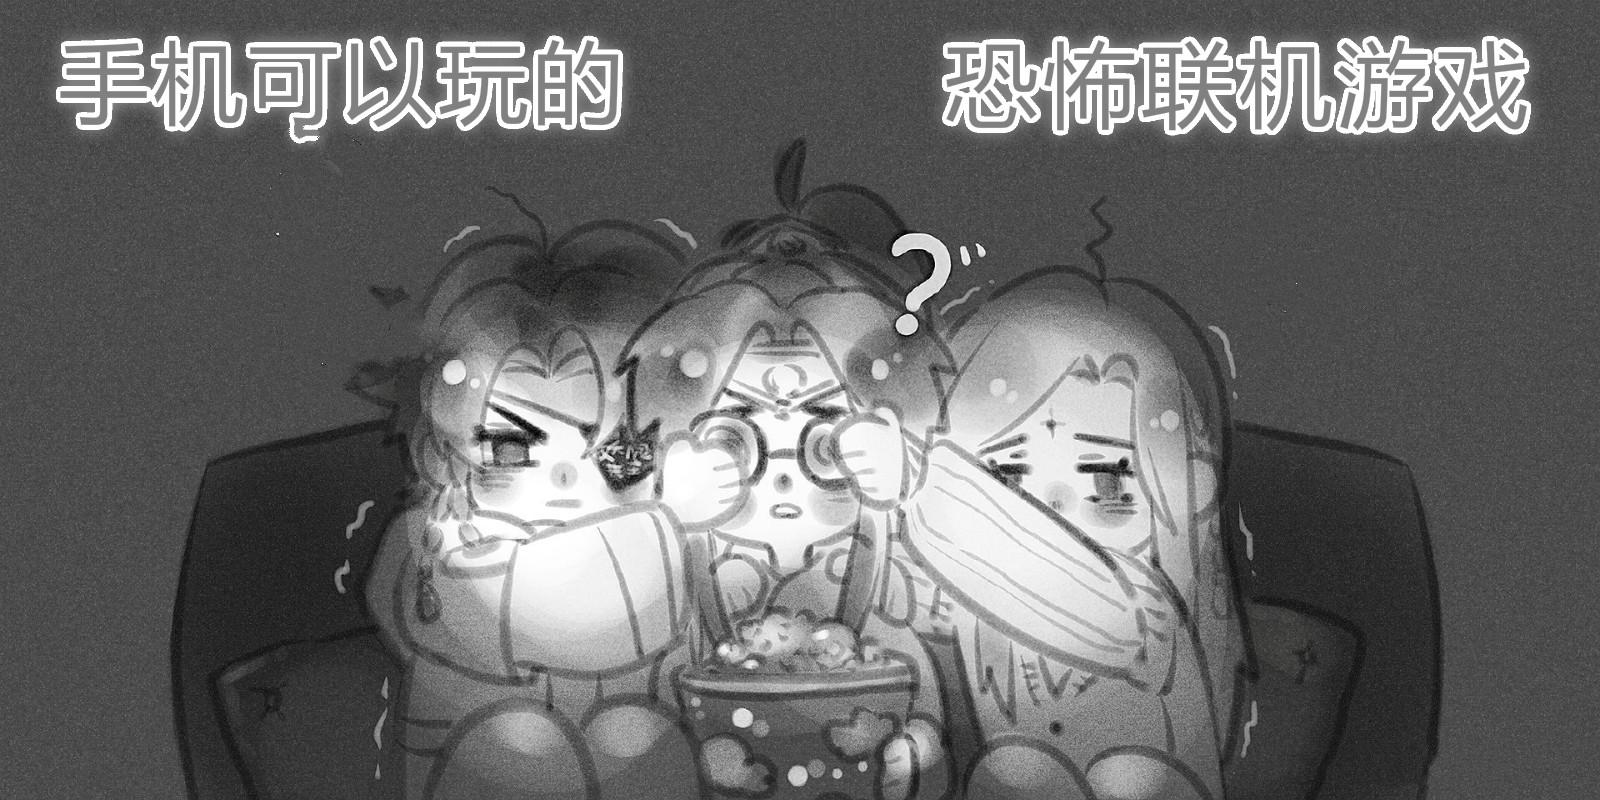 2019多人恐怖联机手游推荐